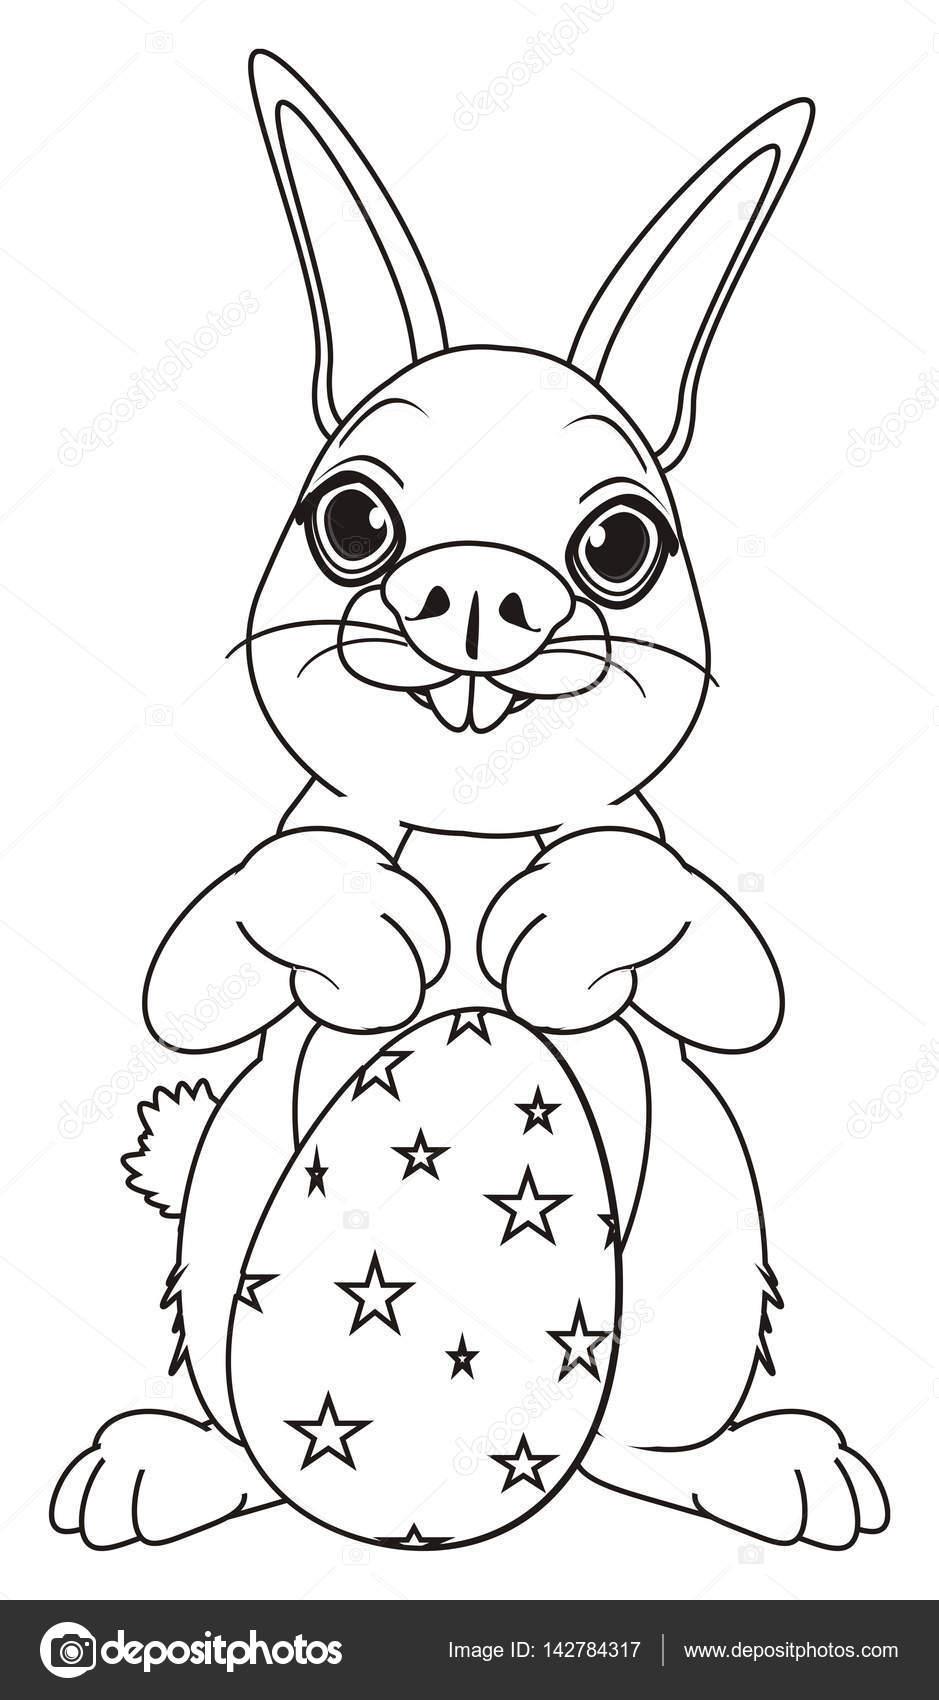 kleurplaten pasen konijn met grote ei stockfoto